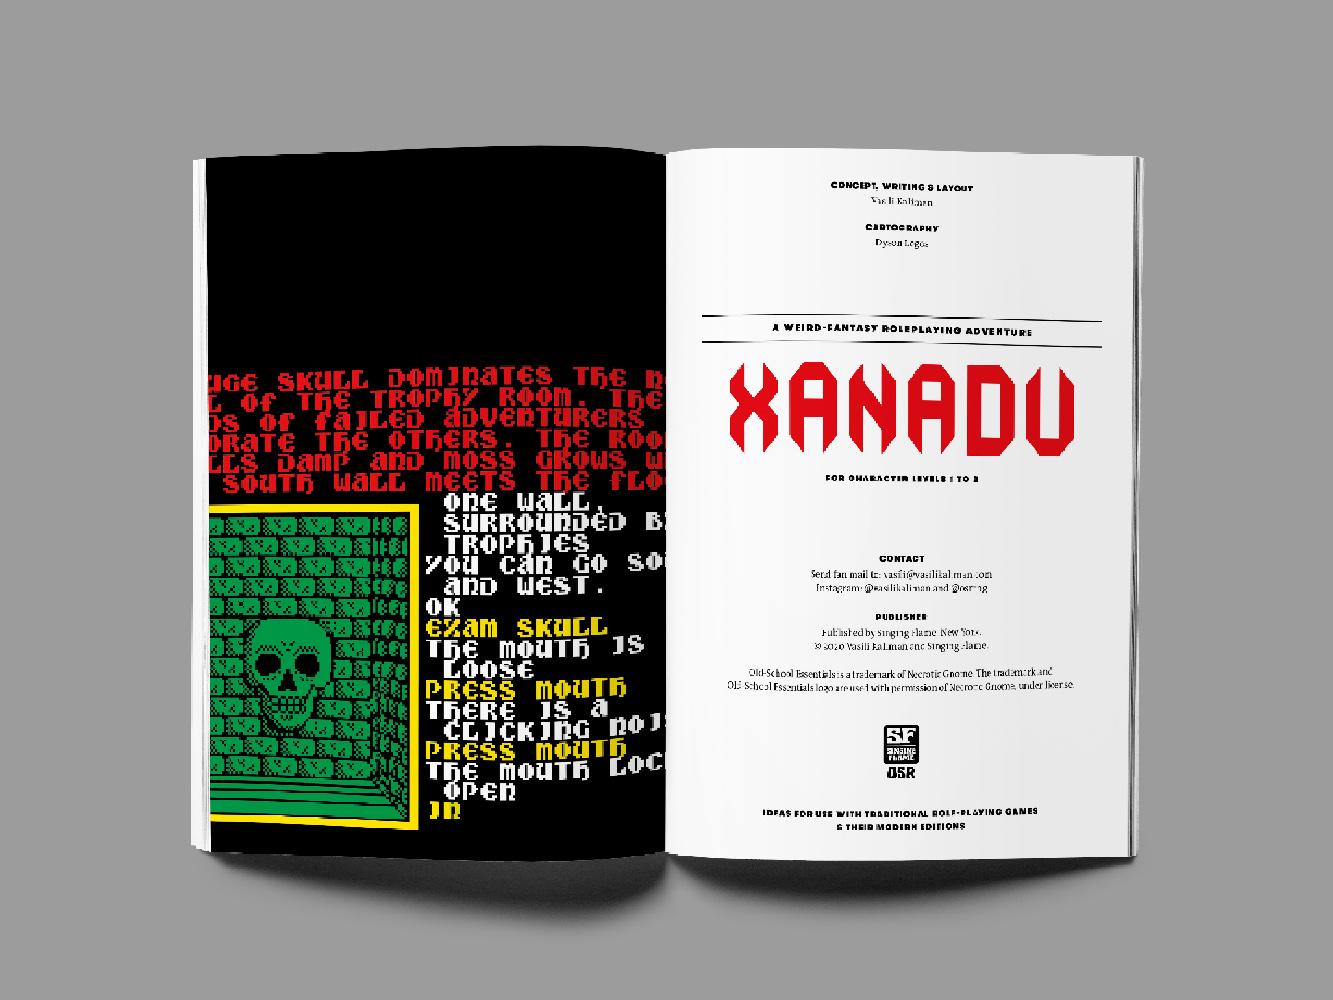 Xanadu_02.jpg